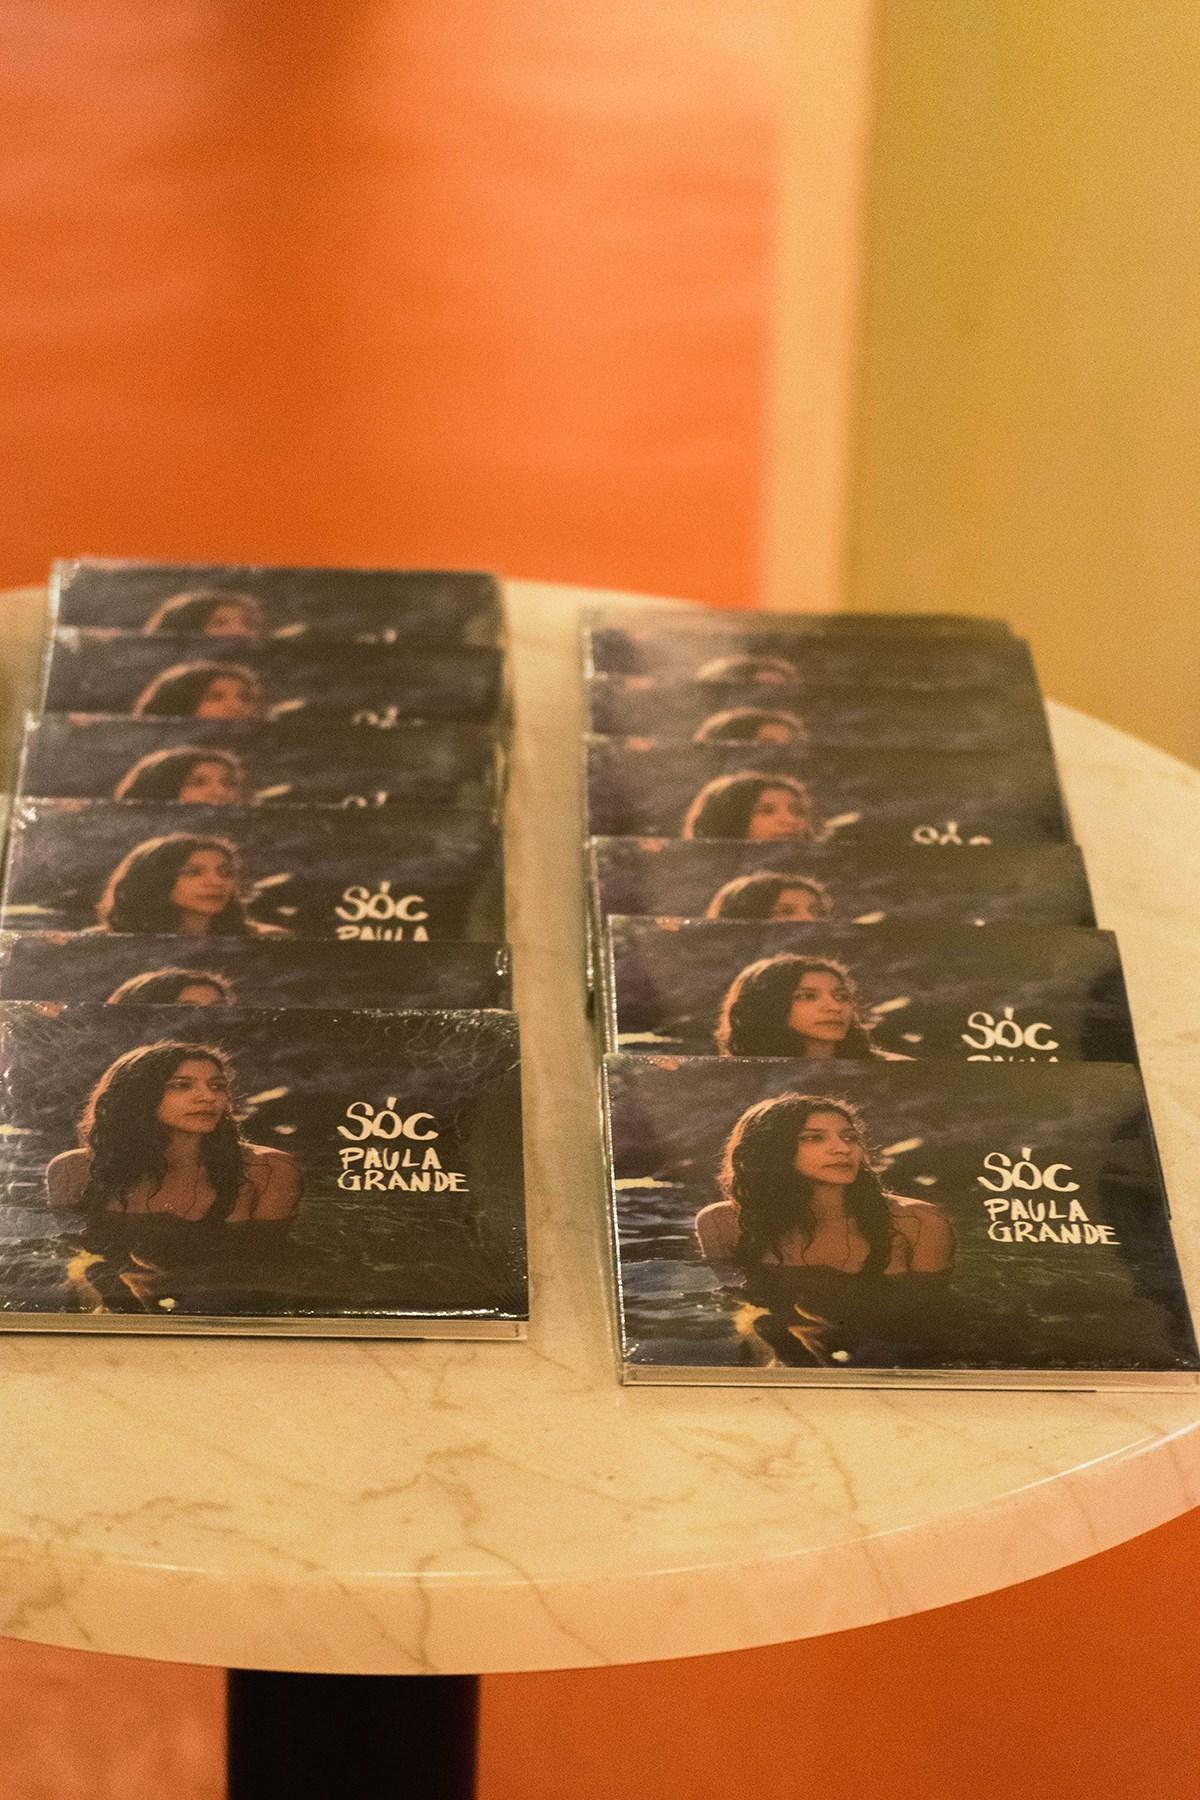 #MésQueMúsica amb Paula Grande i l'àlbum 'Sóc'